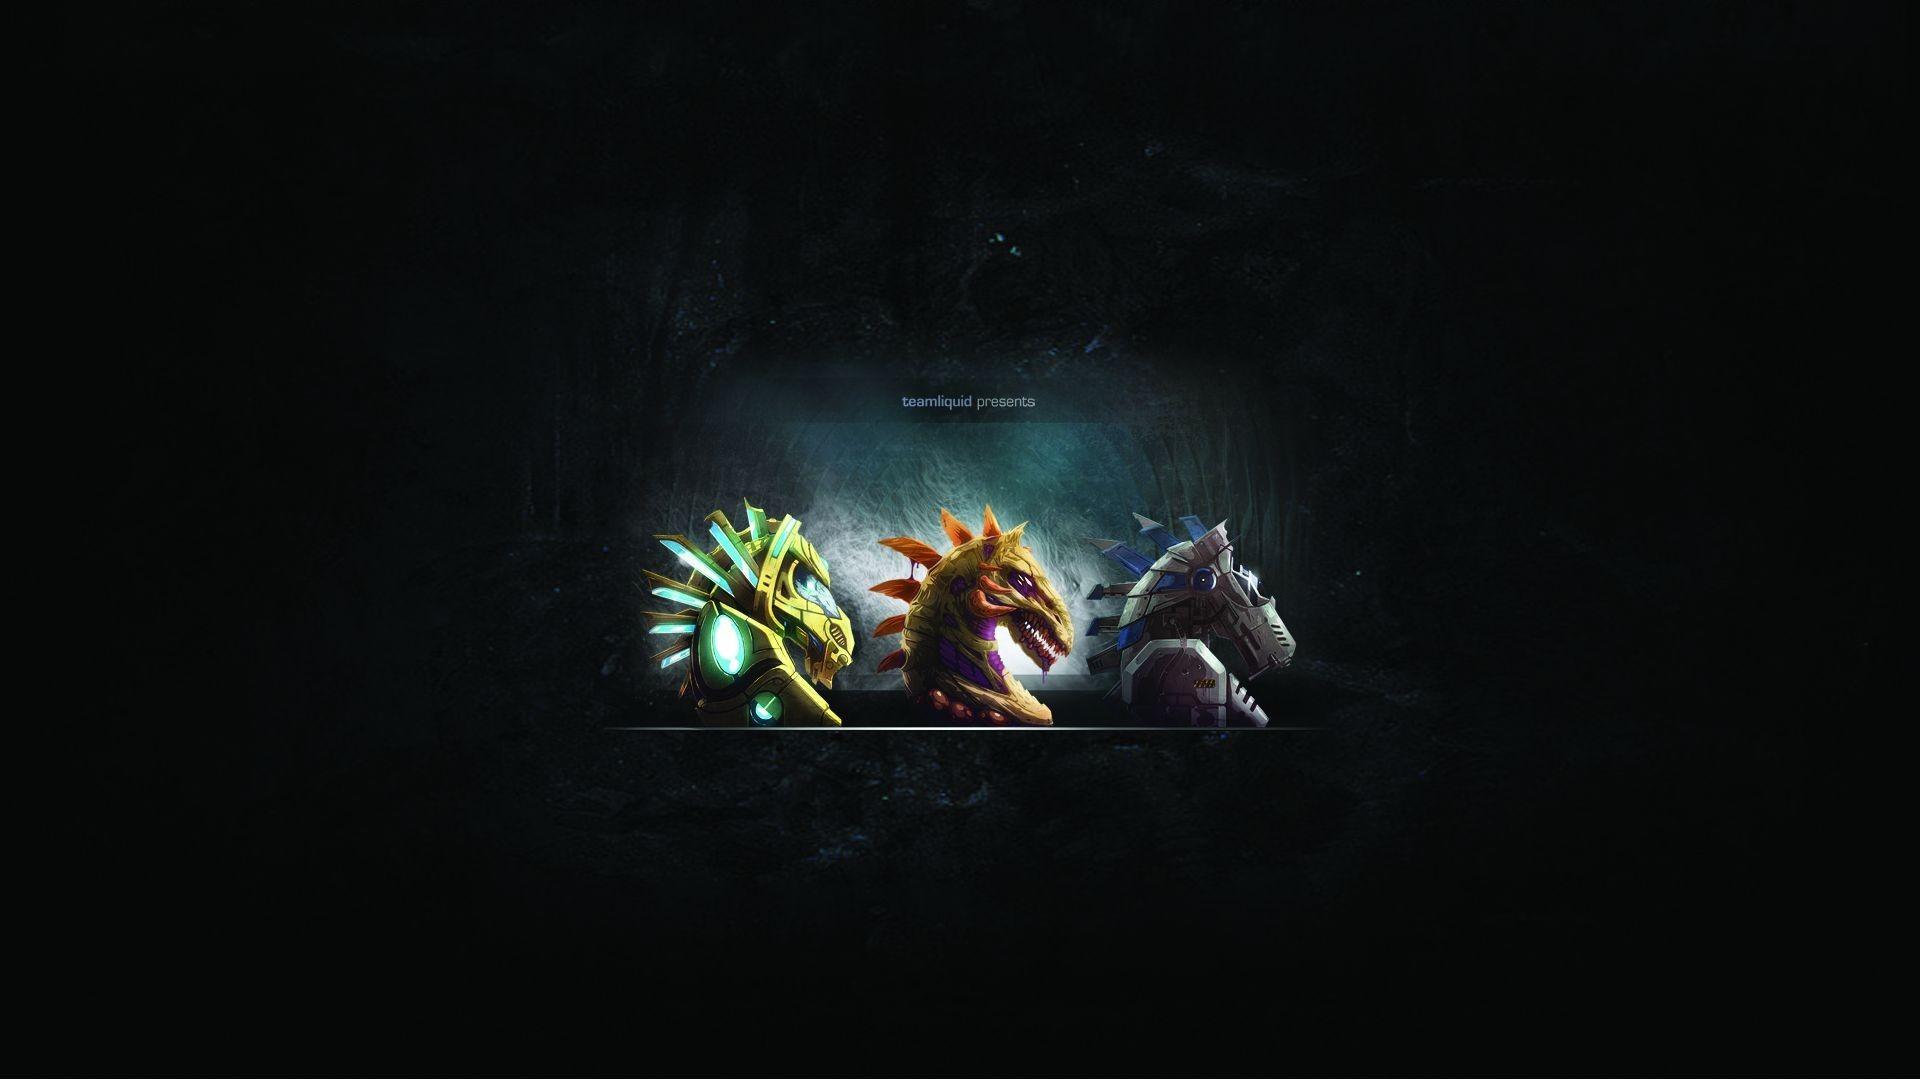 starcraft starcraft ii terrans video games zerg protoss